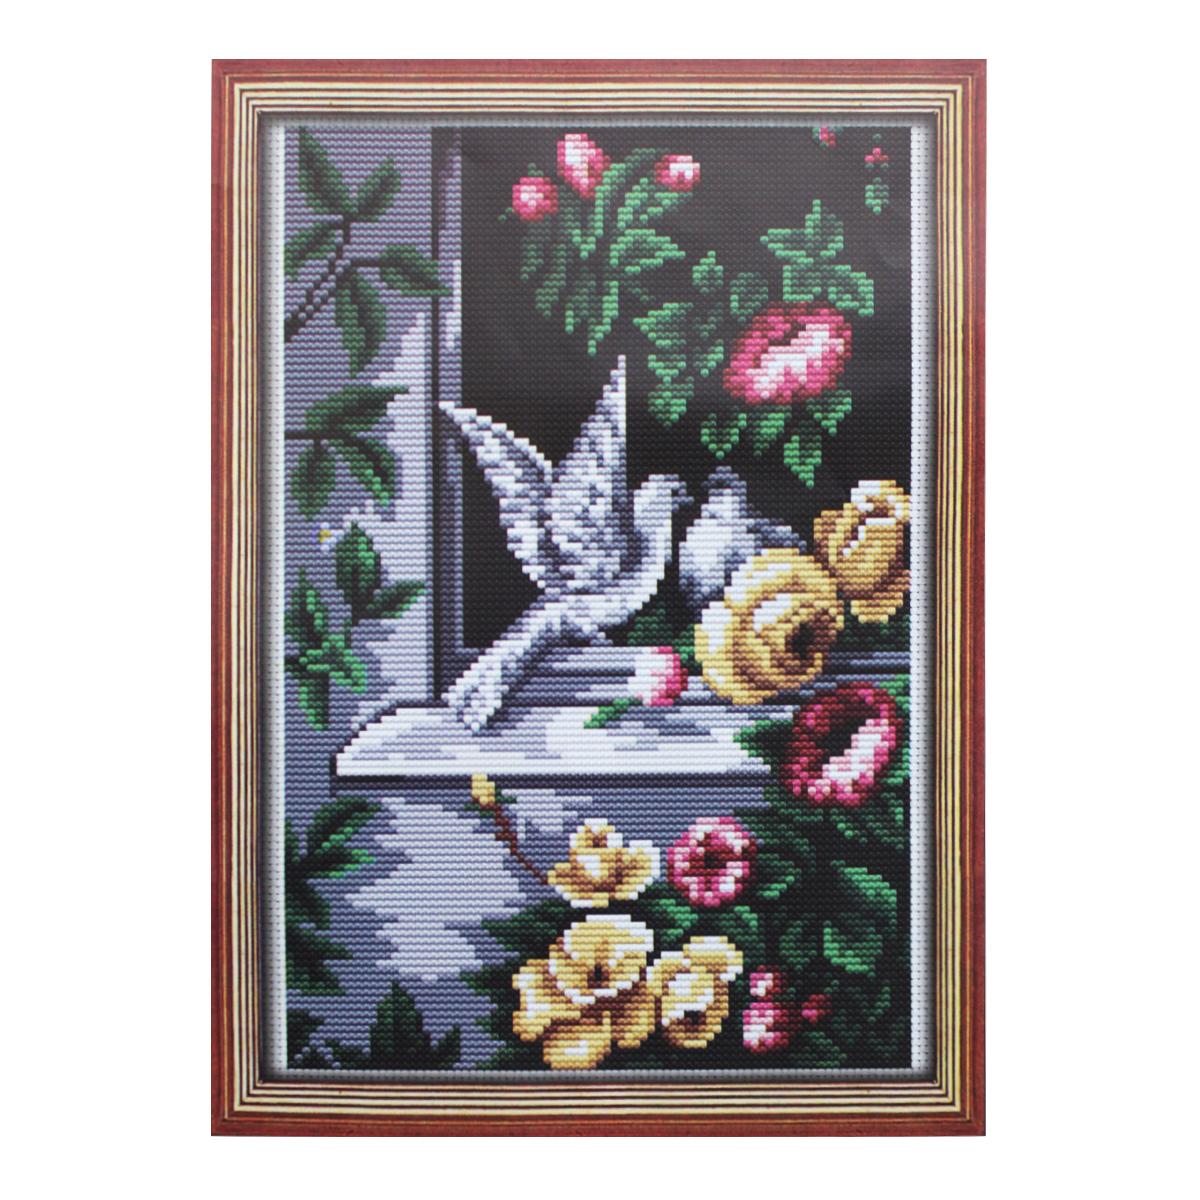 Набор для вышивания Lutars Голуби в окне, 16 х 25 см484955Красочные наборы от бренда Lutars станут приятным дополнением к любому интерьеру. В состав набора для вышивания Lutars Голуби в окне входит: канва Aida белая или цветная, мулине - 16 цветов, цветная схема, инструкция.